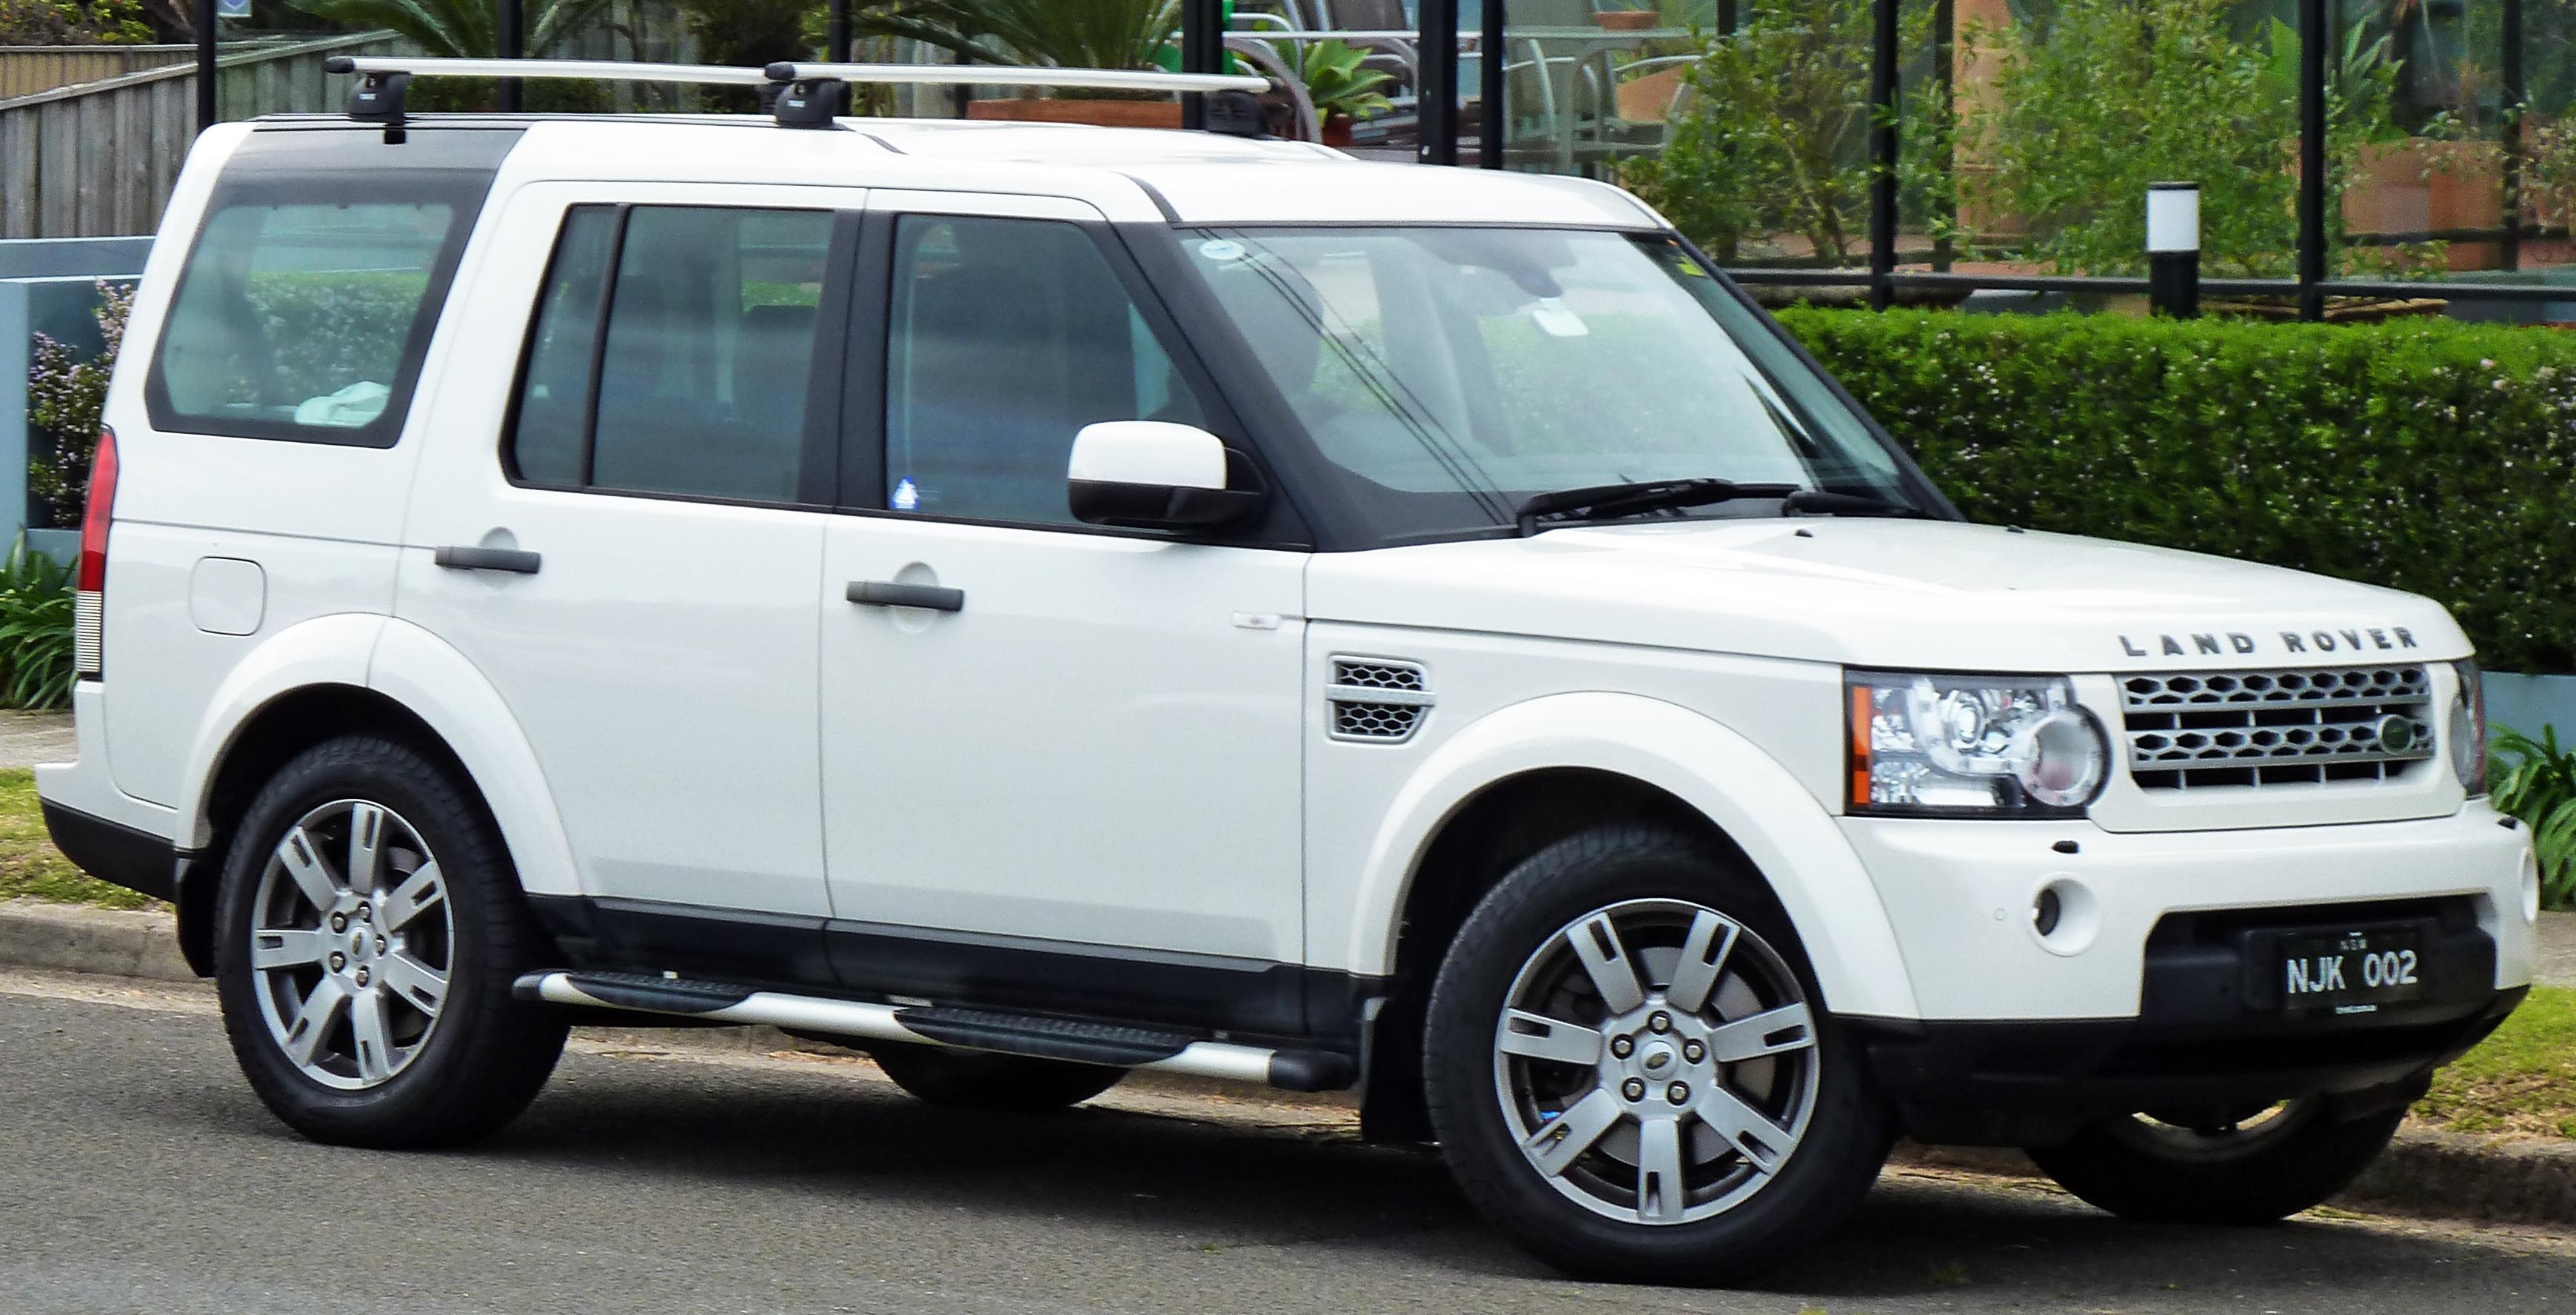 Land Rover Discovery 4 Quotazioni Usato Listino Land